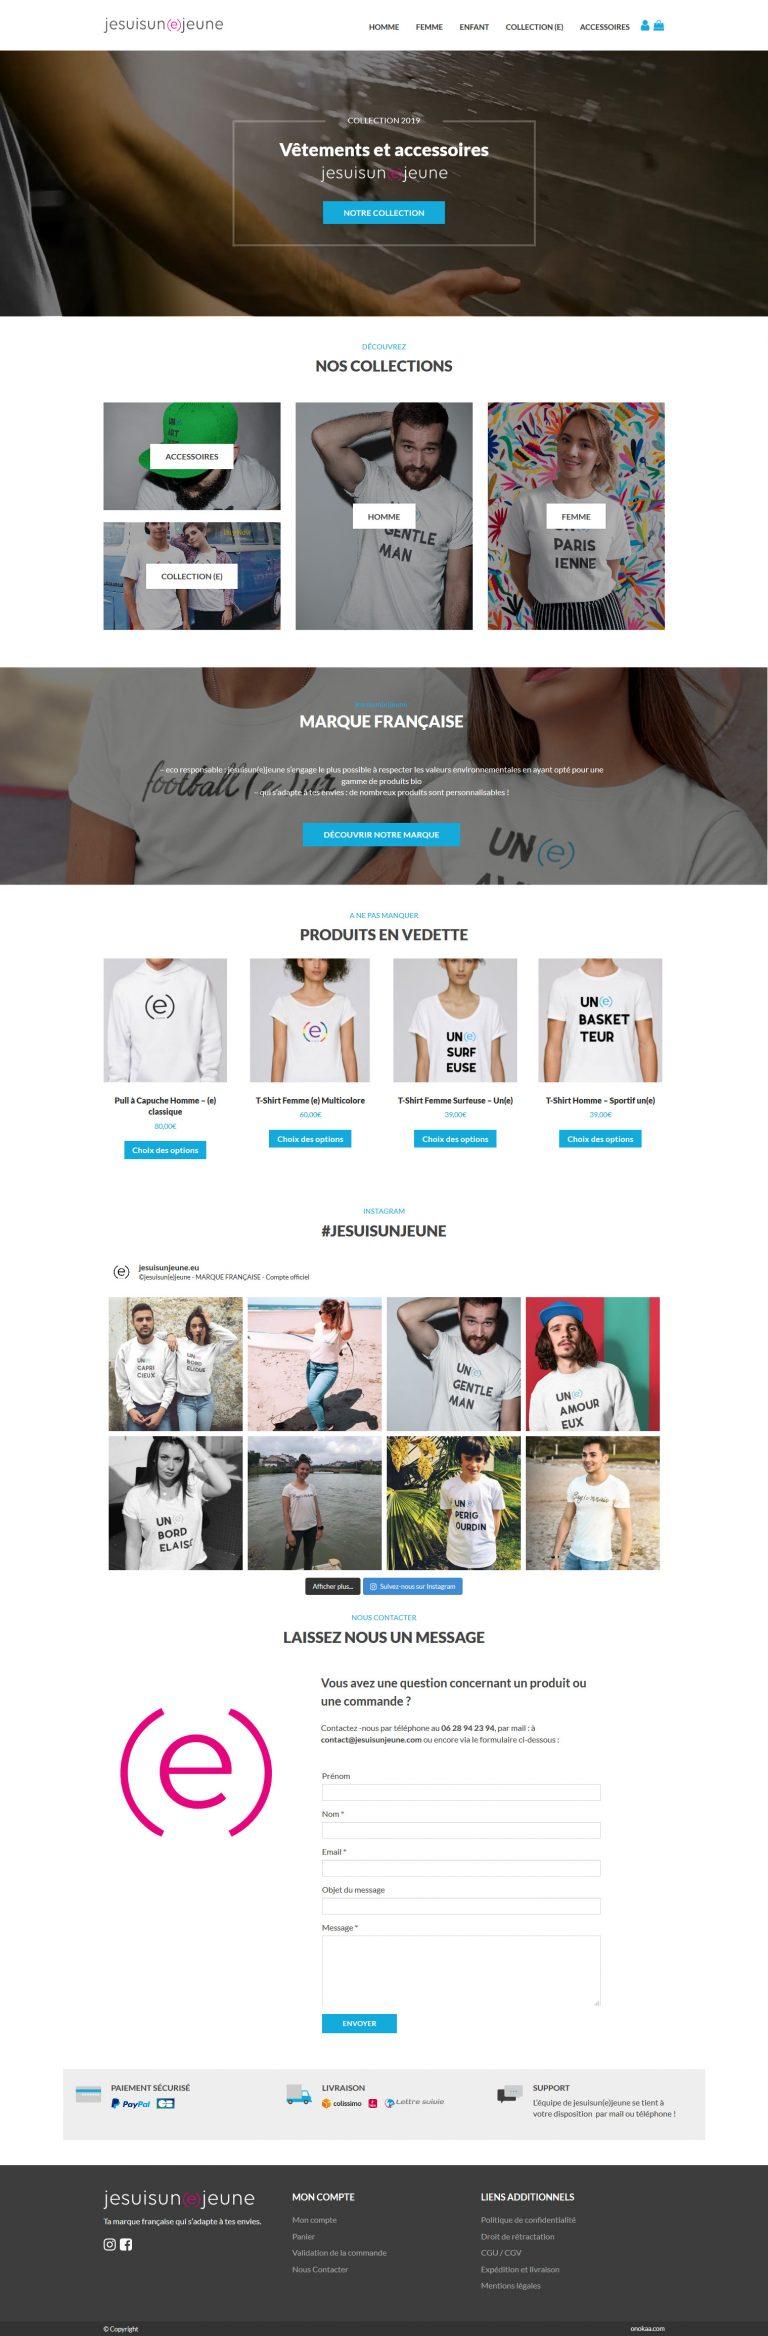 Site e-commerce jesuisunjeune